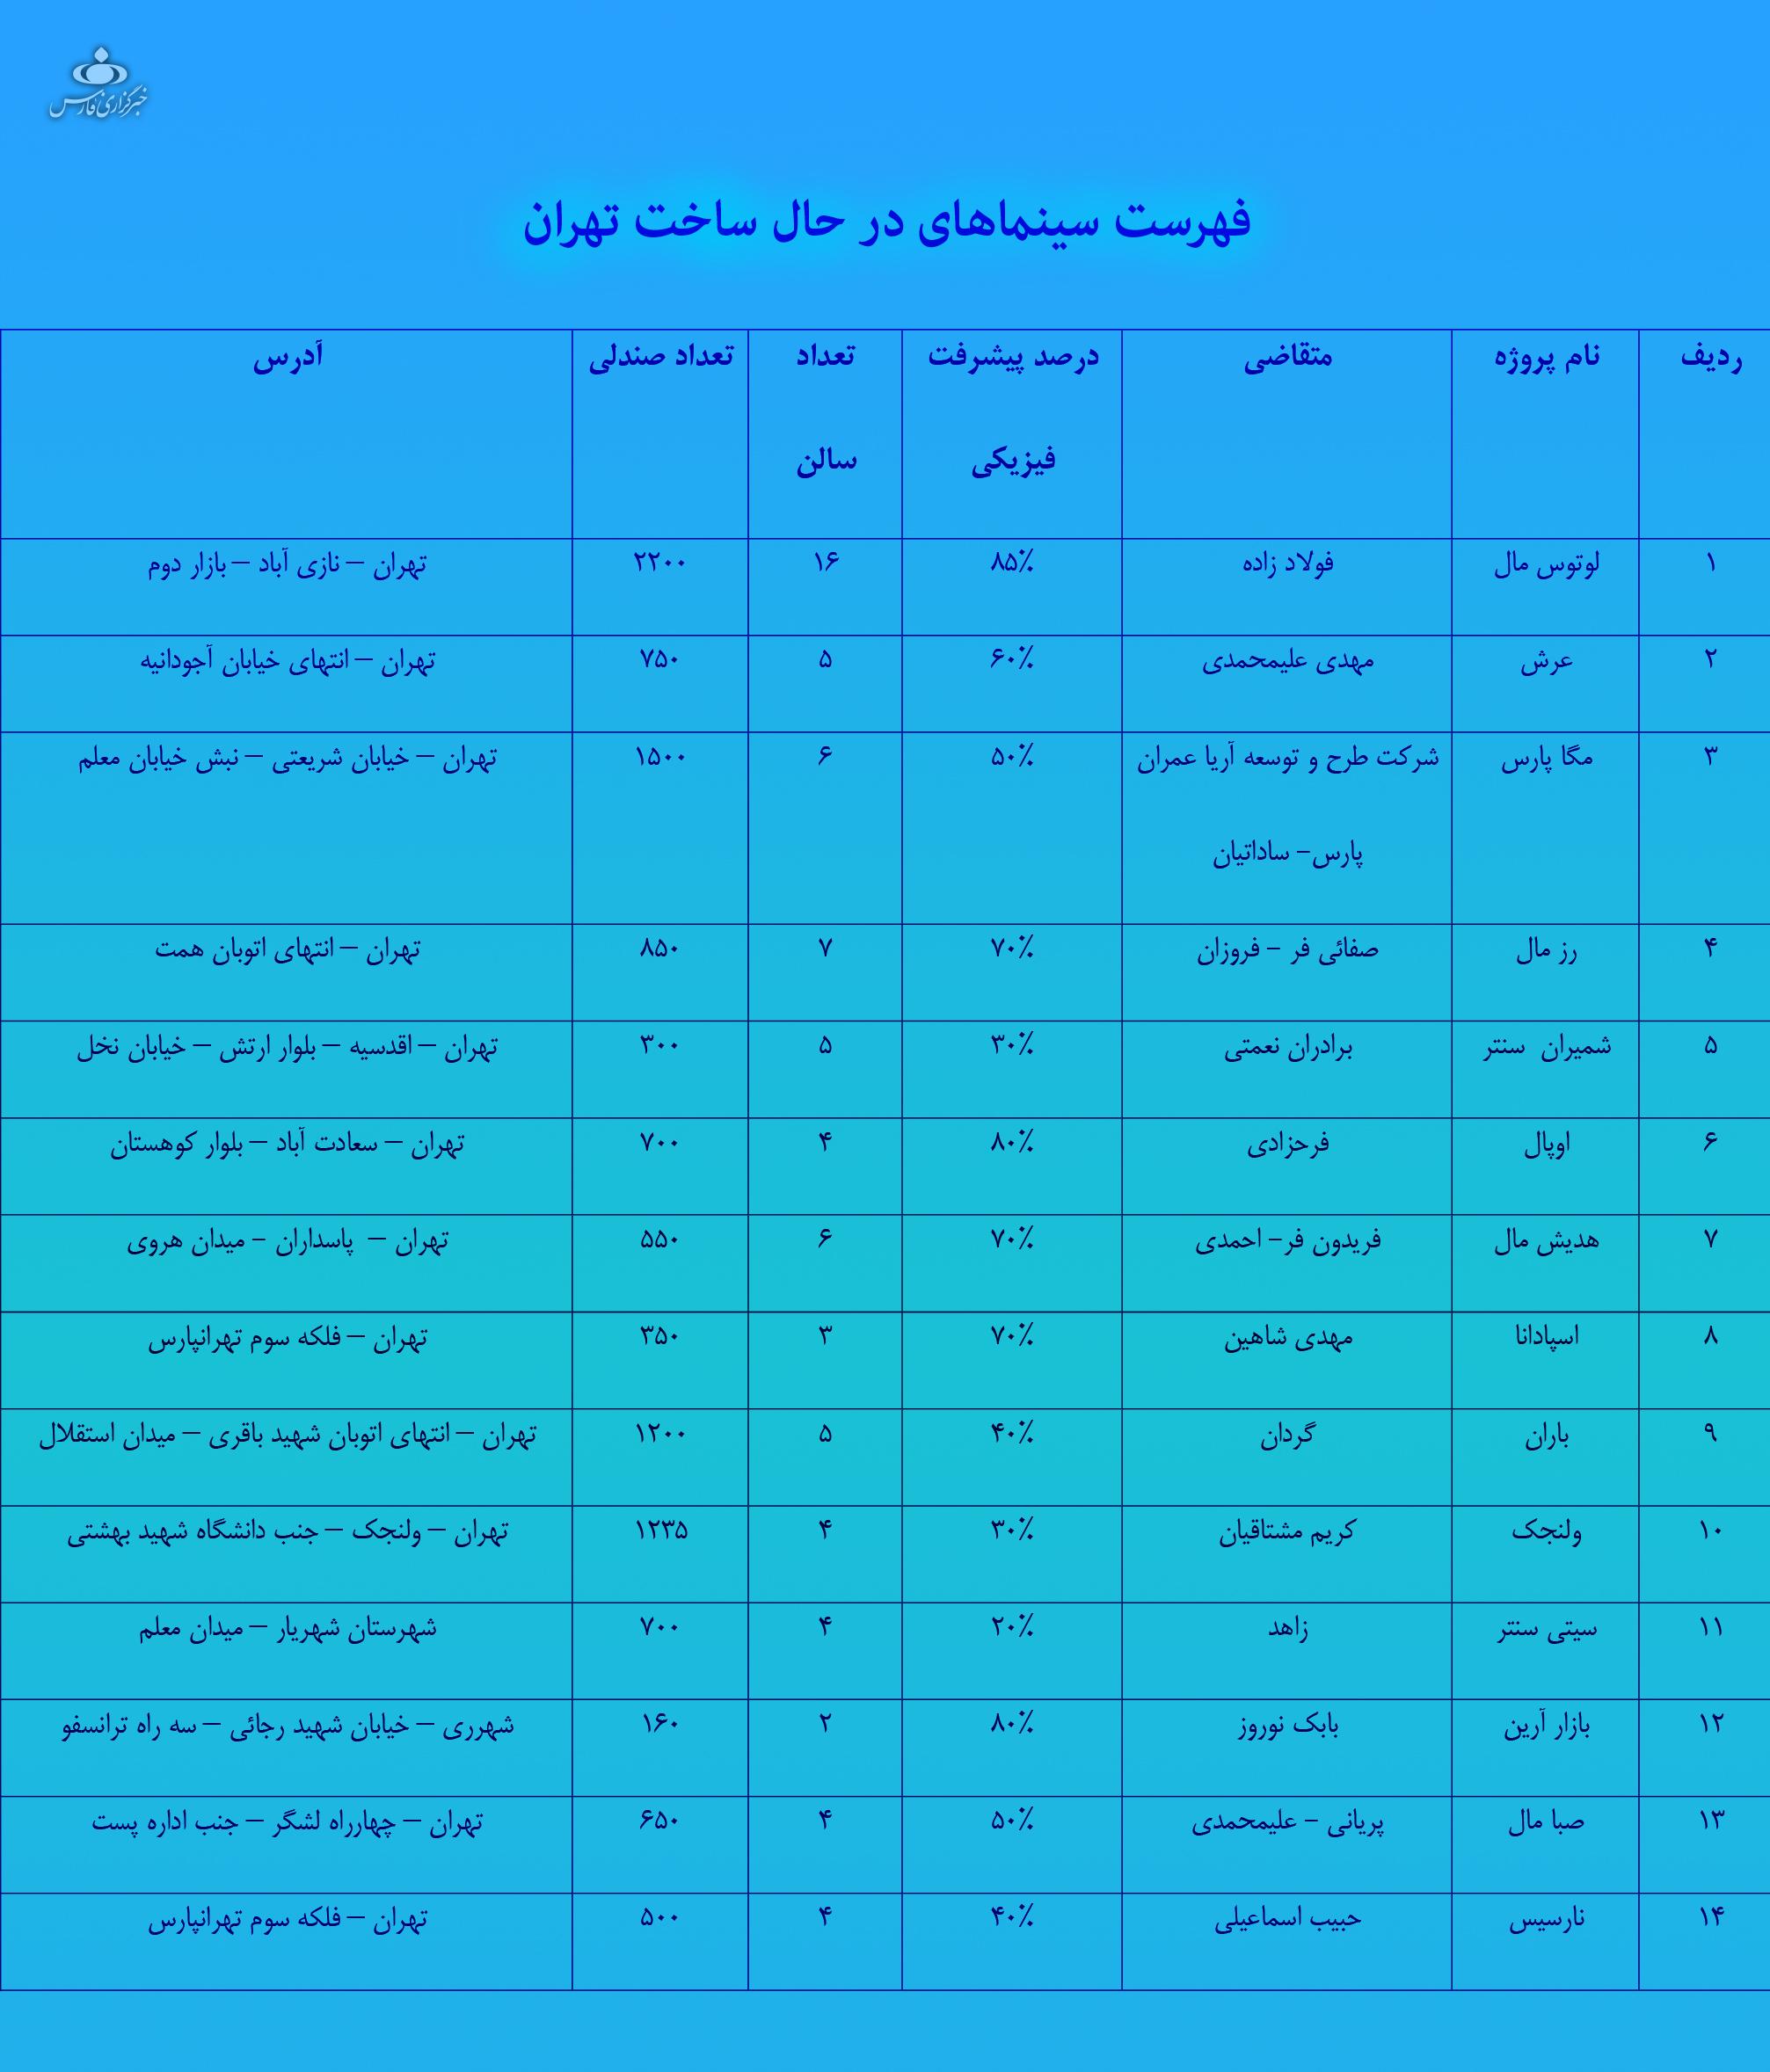 قرار است چند سینما در تهران ساخته شوند؟